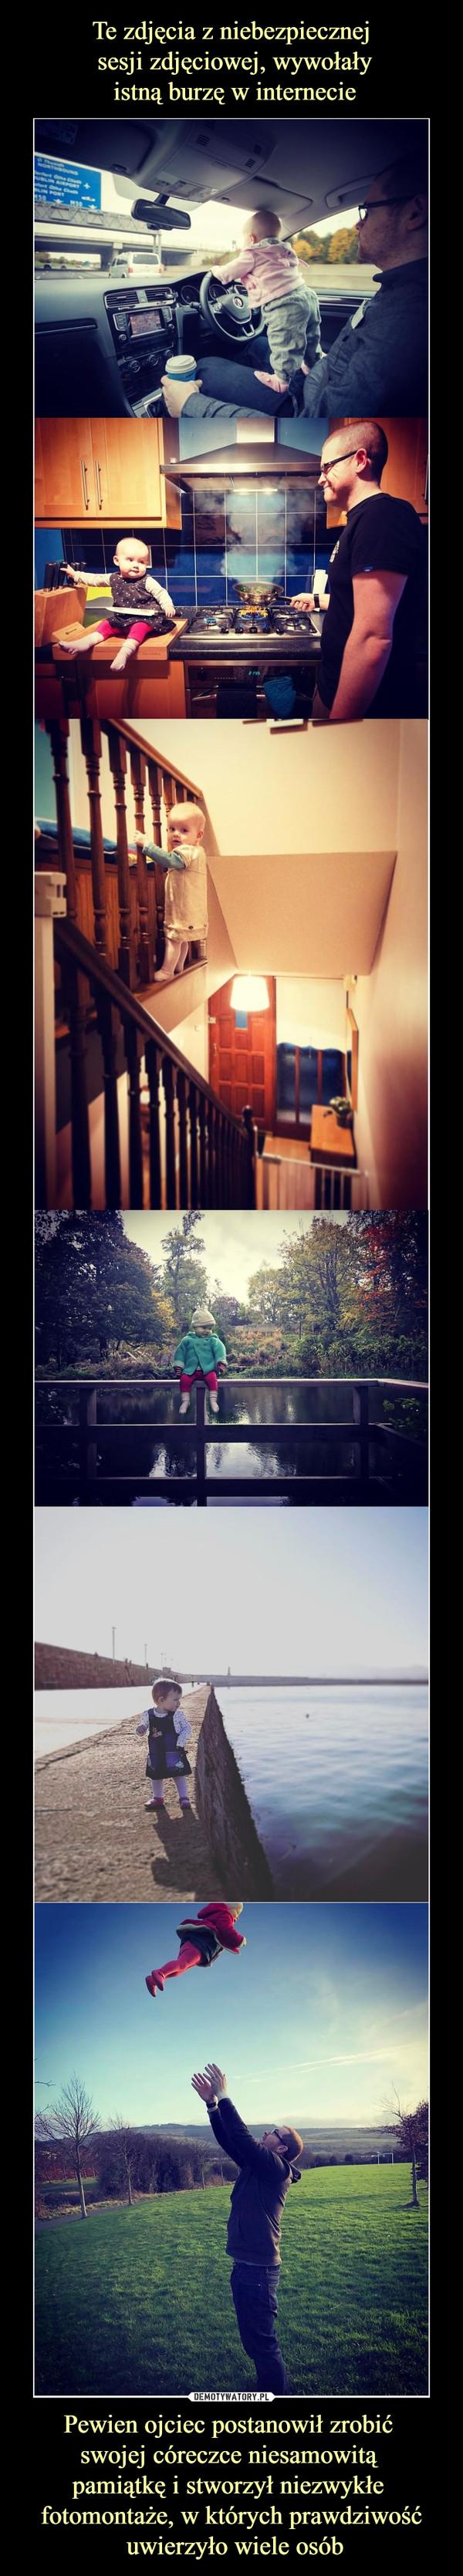 Pewien ojciec postanowił zrobić swojej córeczce niesamowitą pamiątkę i stworzył niezwykłe fotomontaże, w których prawdziwość uwierzyło wiele osób –